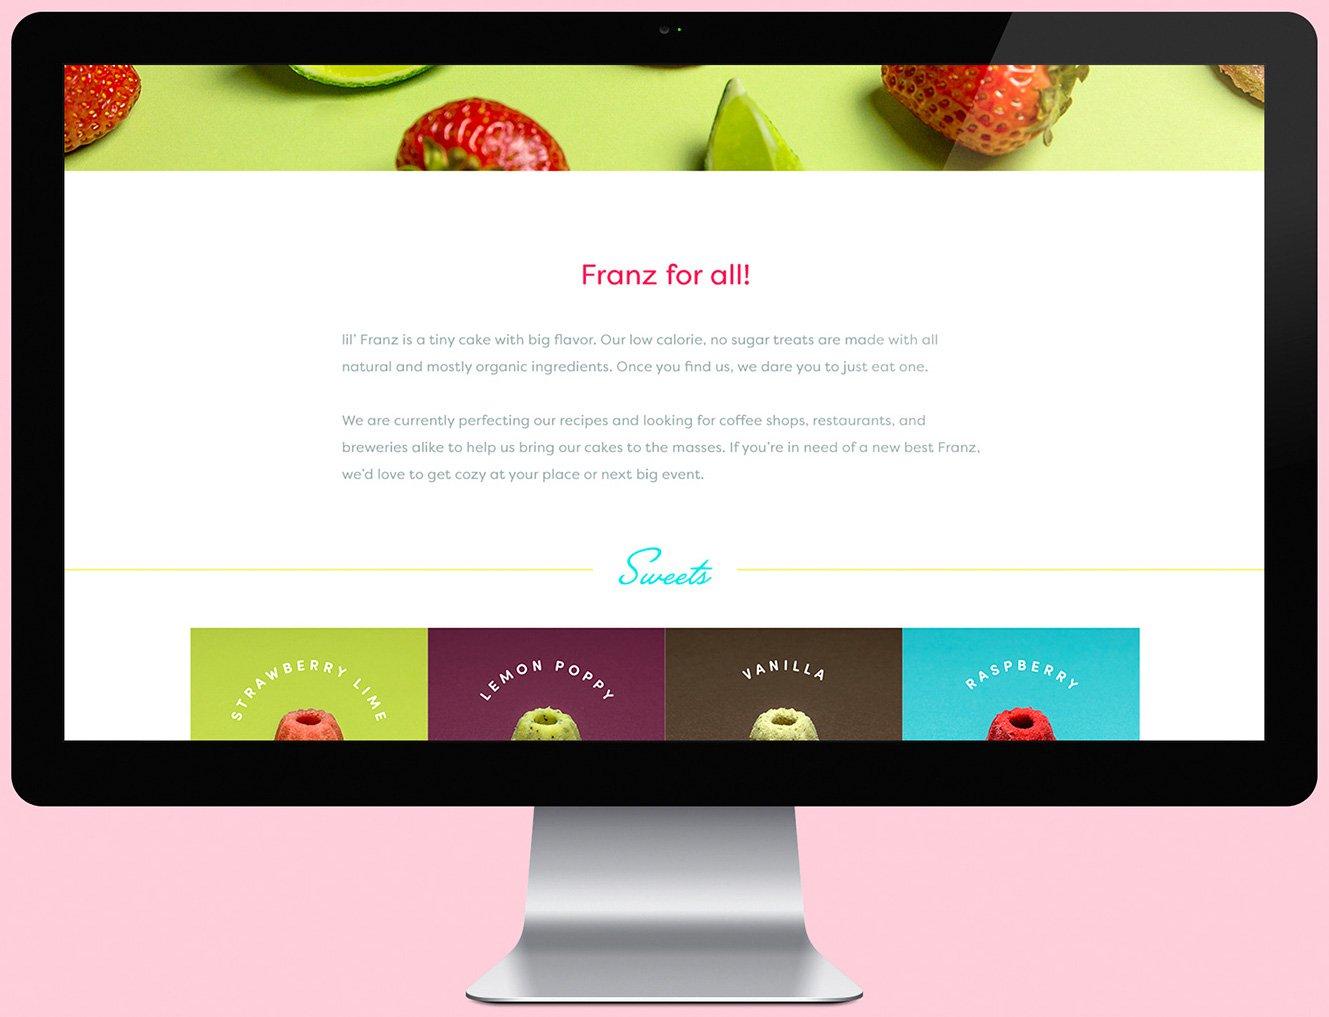 Lil' Franz Website Design